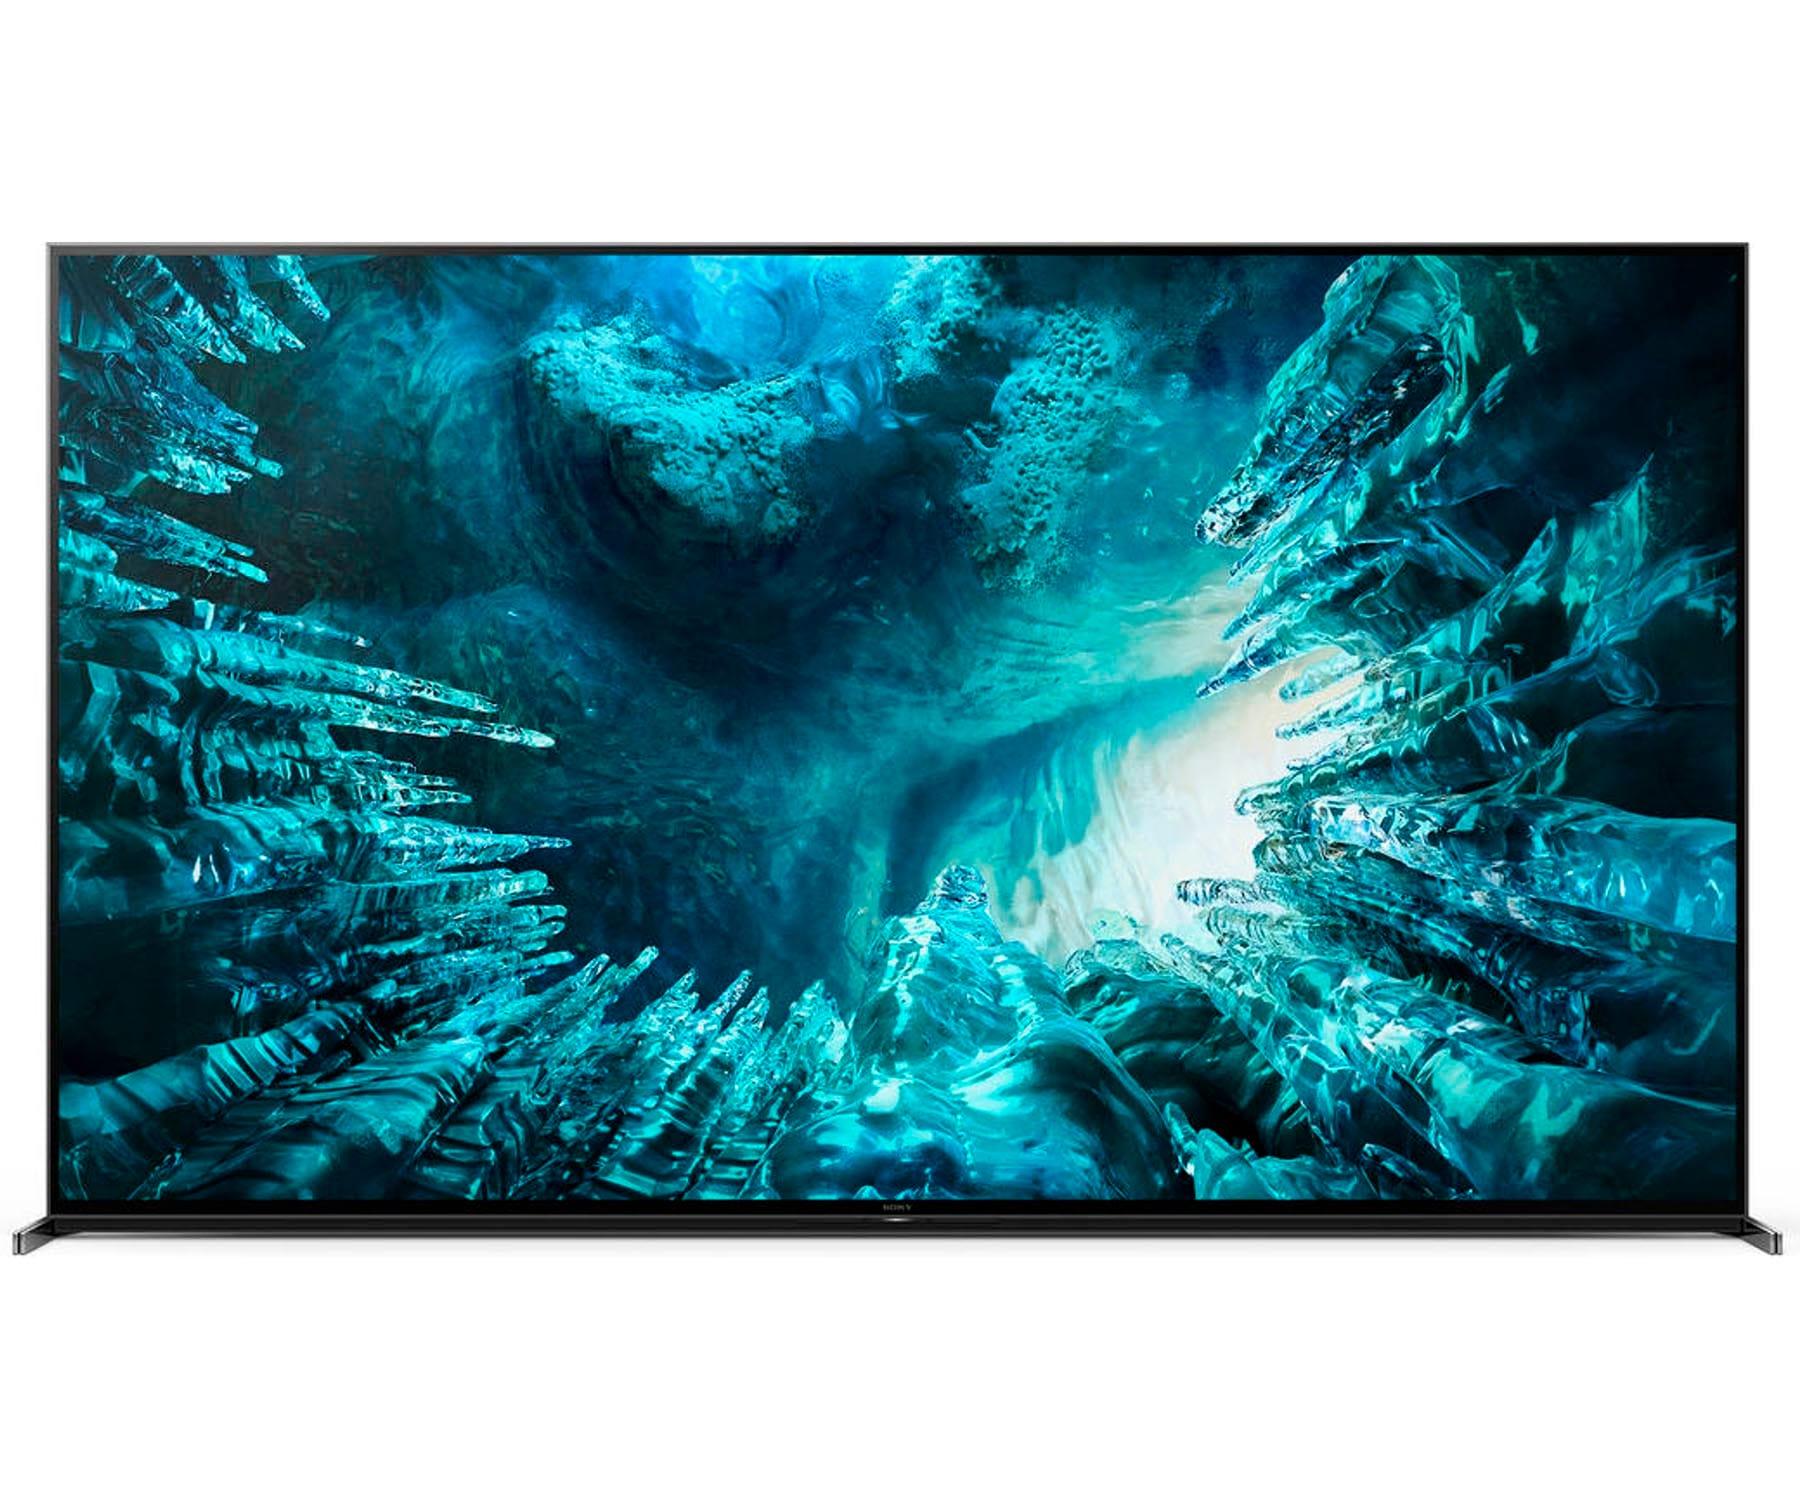 SONY KD-75ZH8BAEP TELEVISOR 75'' FULL ARRAY LED UHD 8K HDR ANDROID TV CHROMECAST INTEGRADO